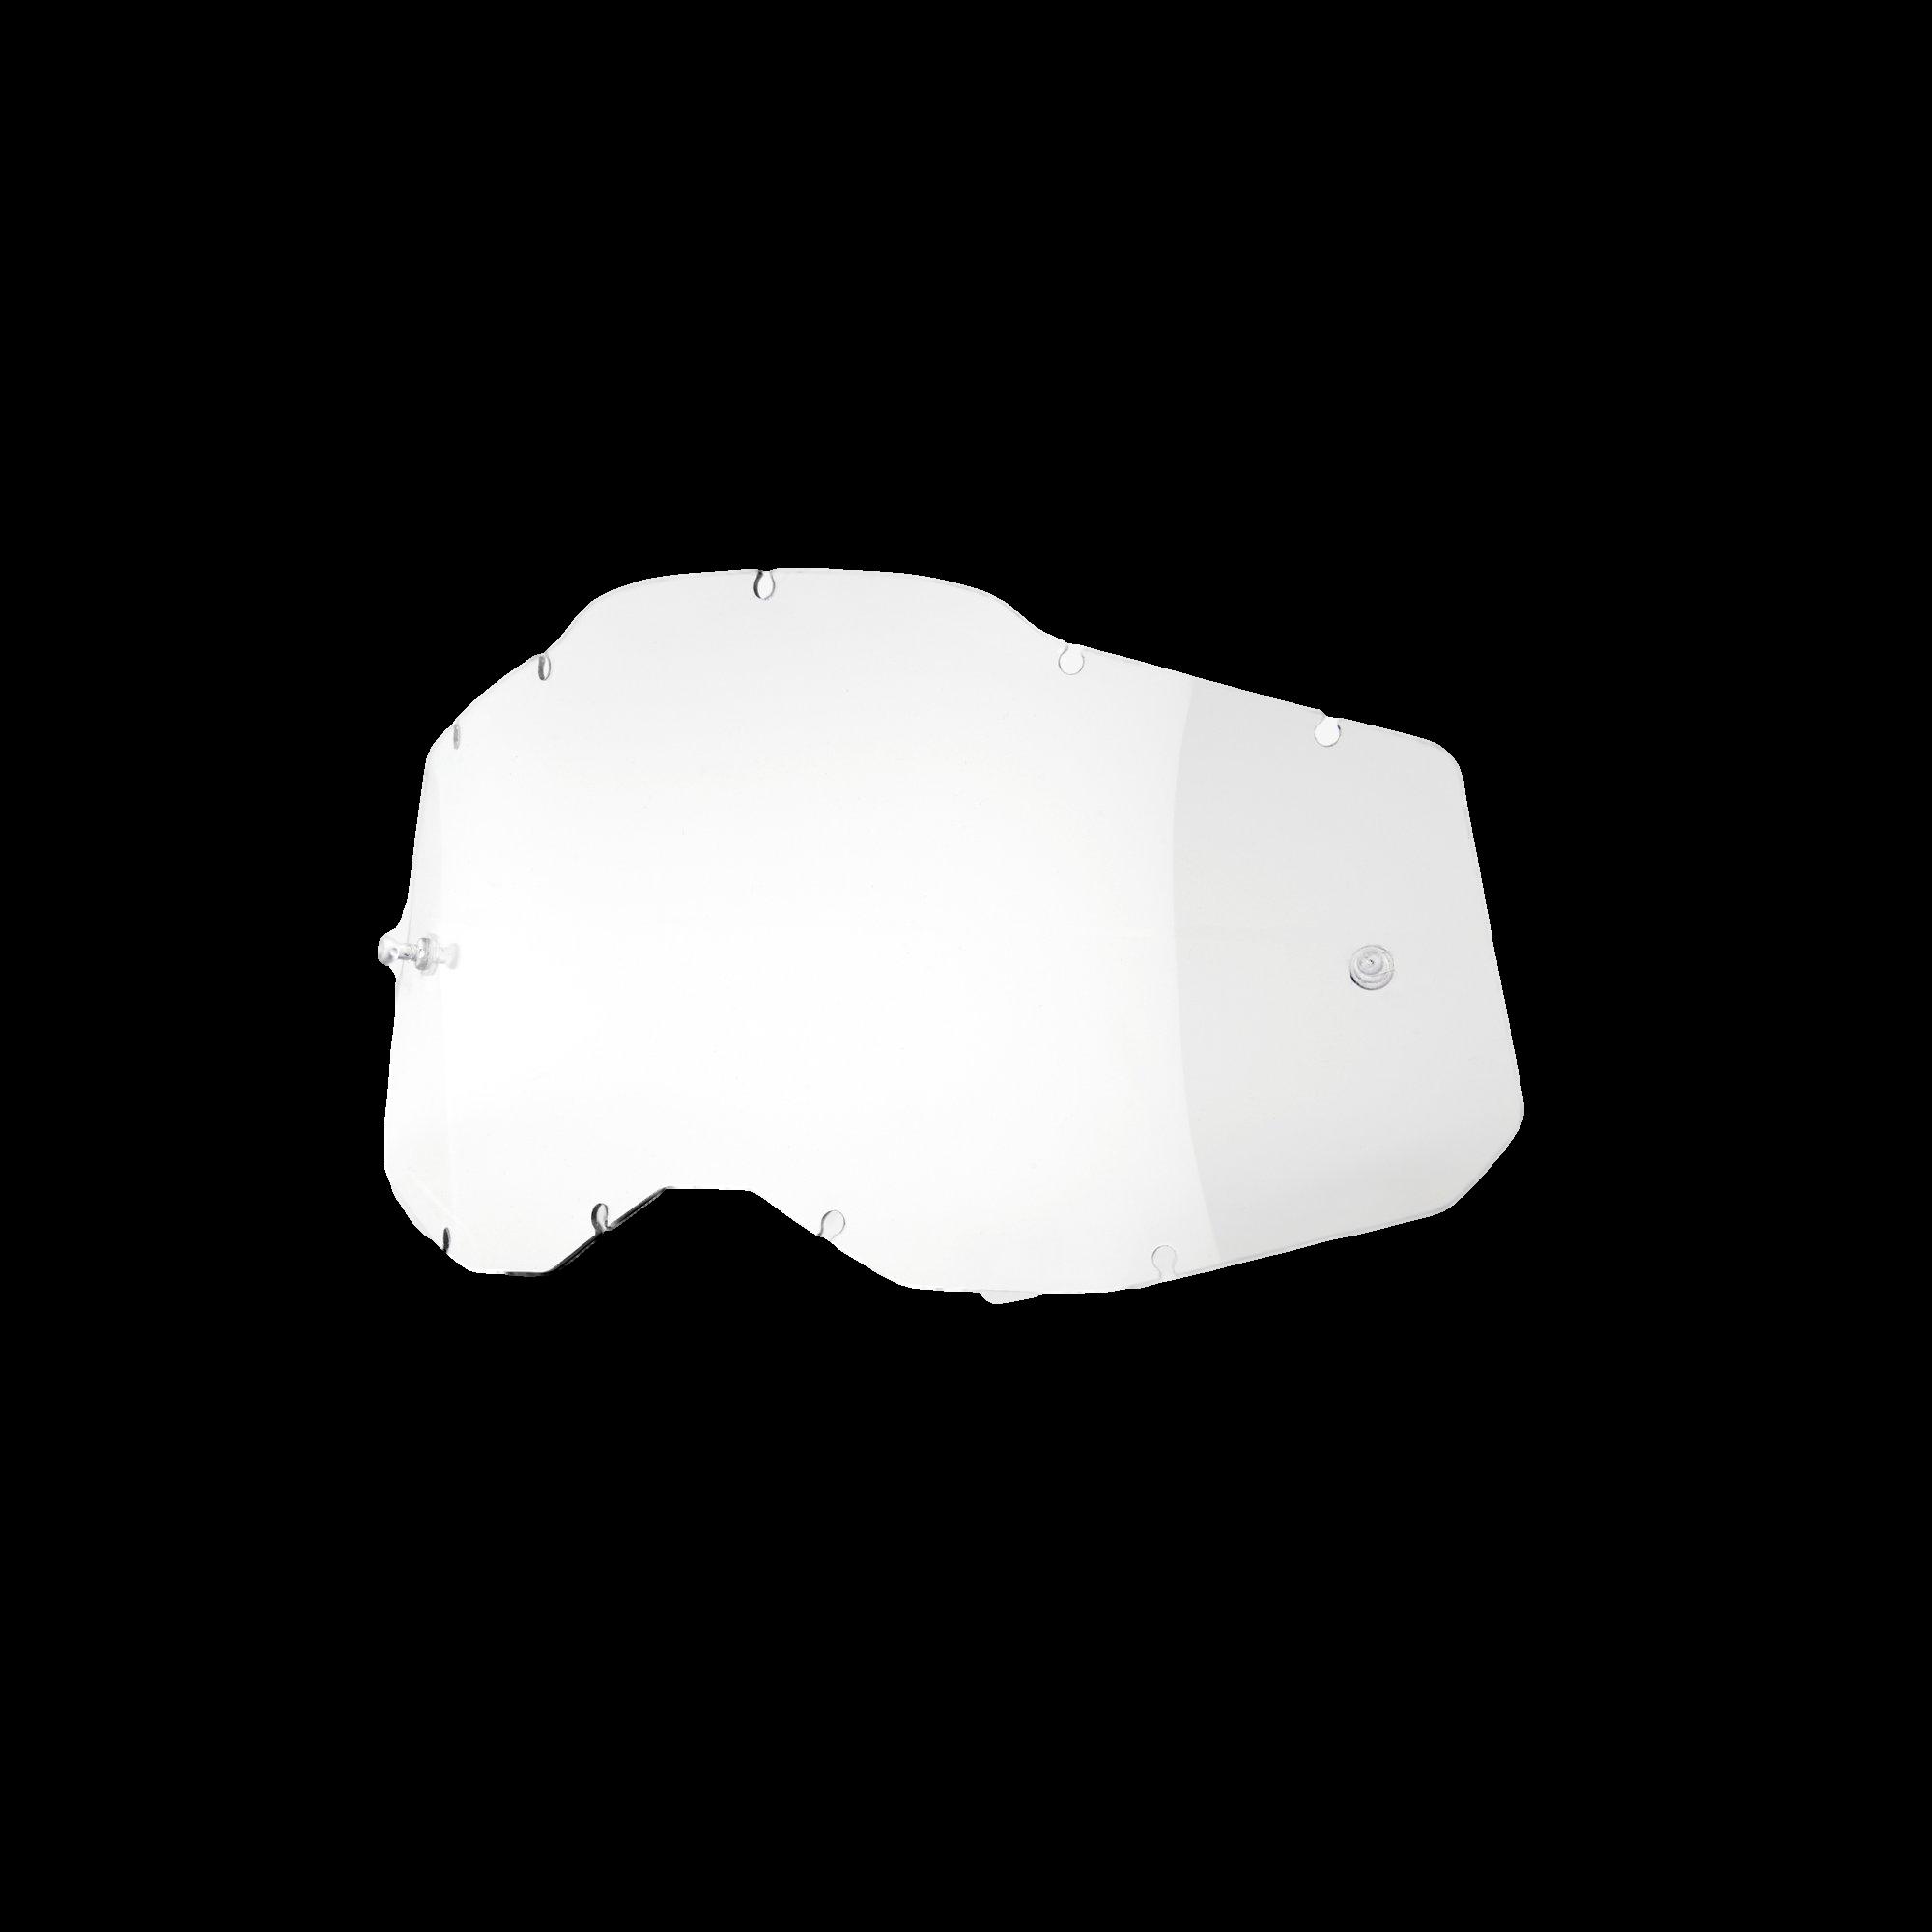 Lente Mattos Racing para Óculos 100% Geração 2